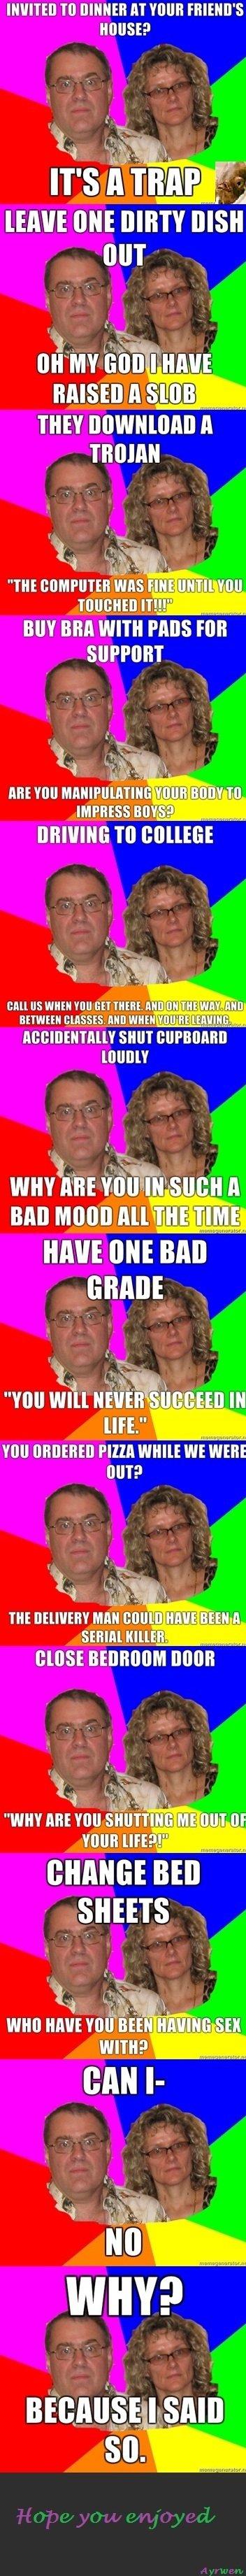 Paranoid Parents Comp. Part 2 is up funnyjunk.com/funny_pictures/2036170/Paranoid+Parents+Comp+2/ Part 3 funnyjunk.com/funny_pictures/2036983/Paranoid+Parents+C Paranoid Parents